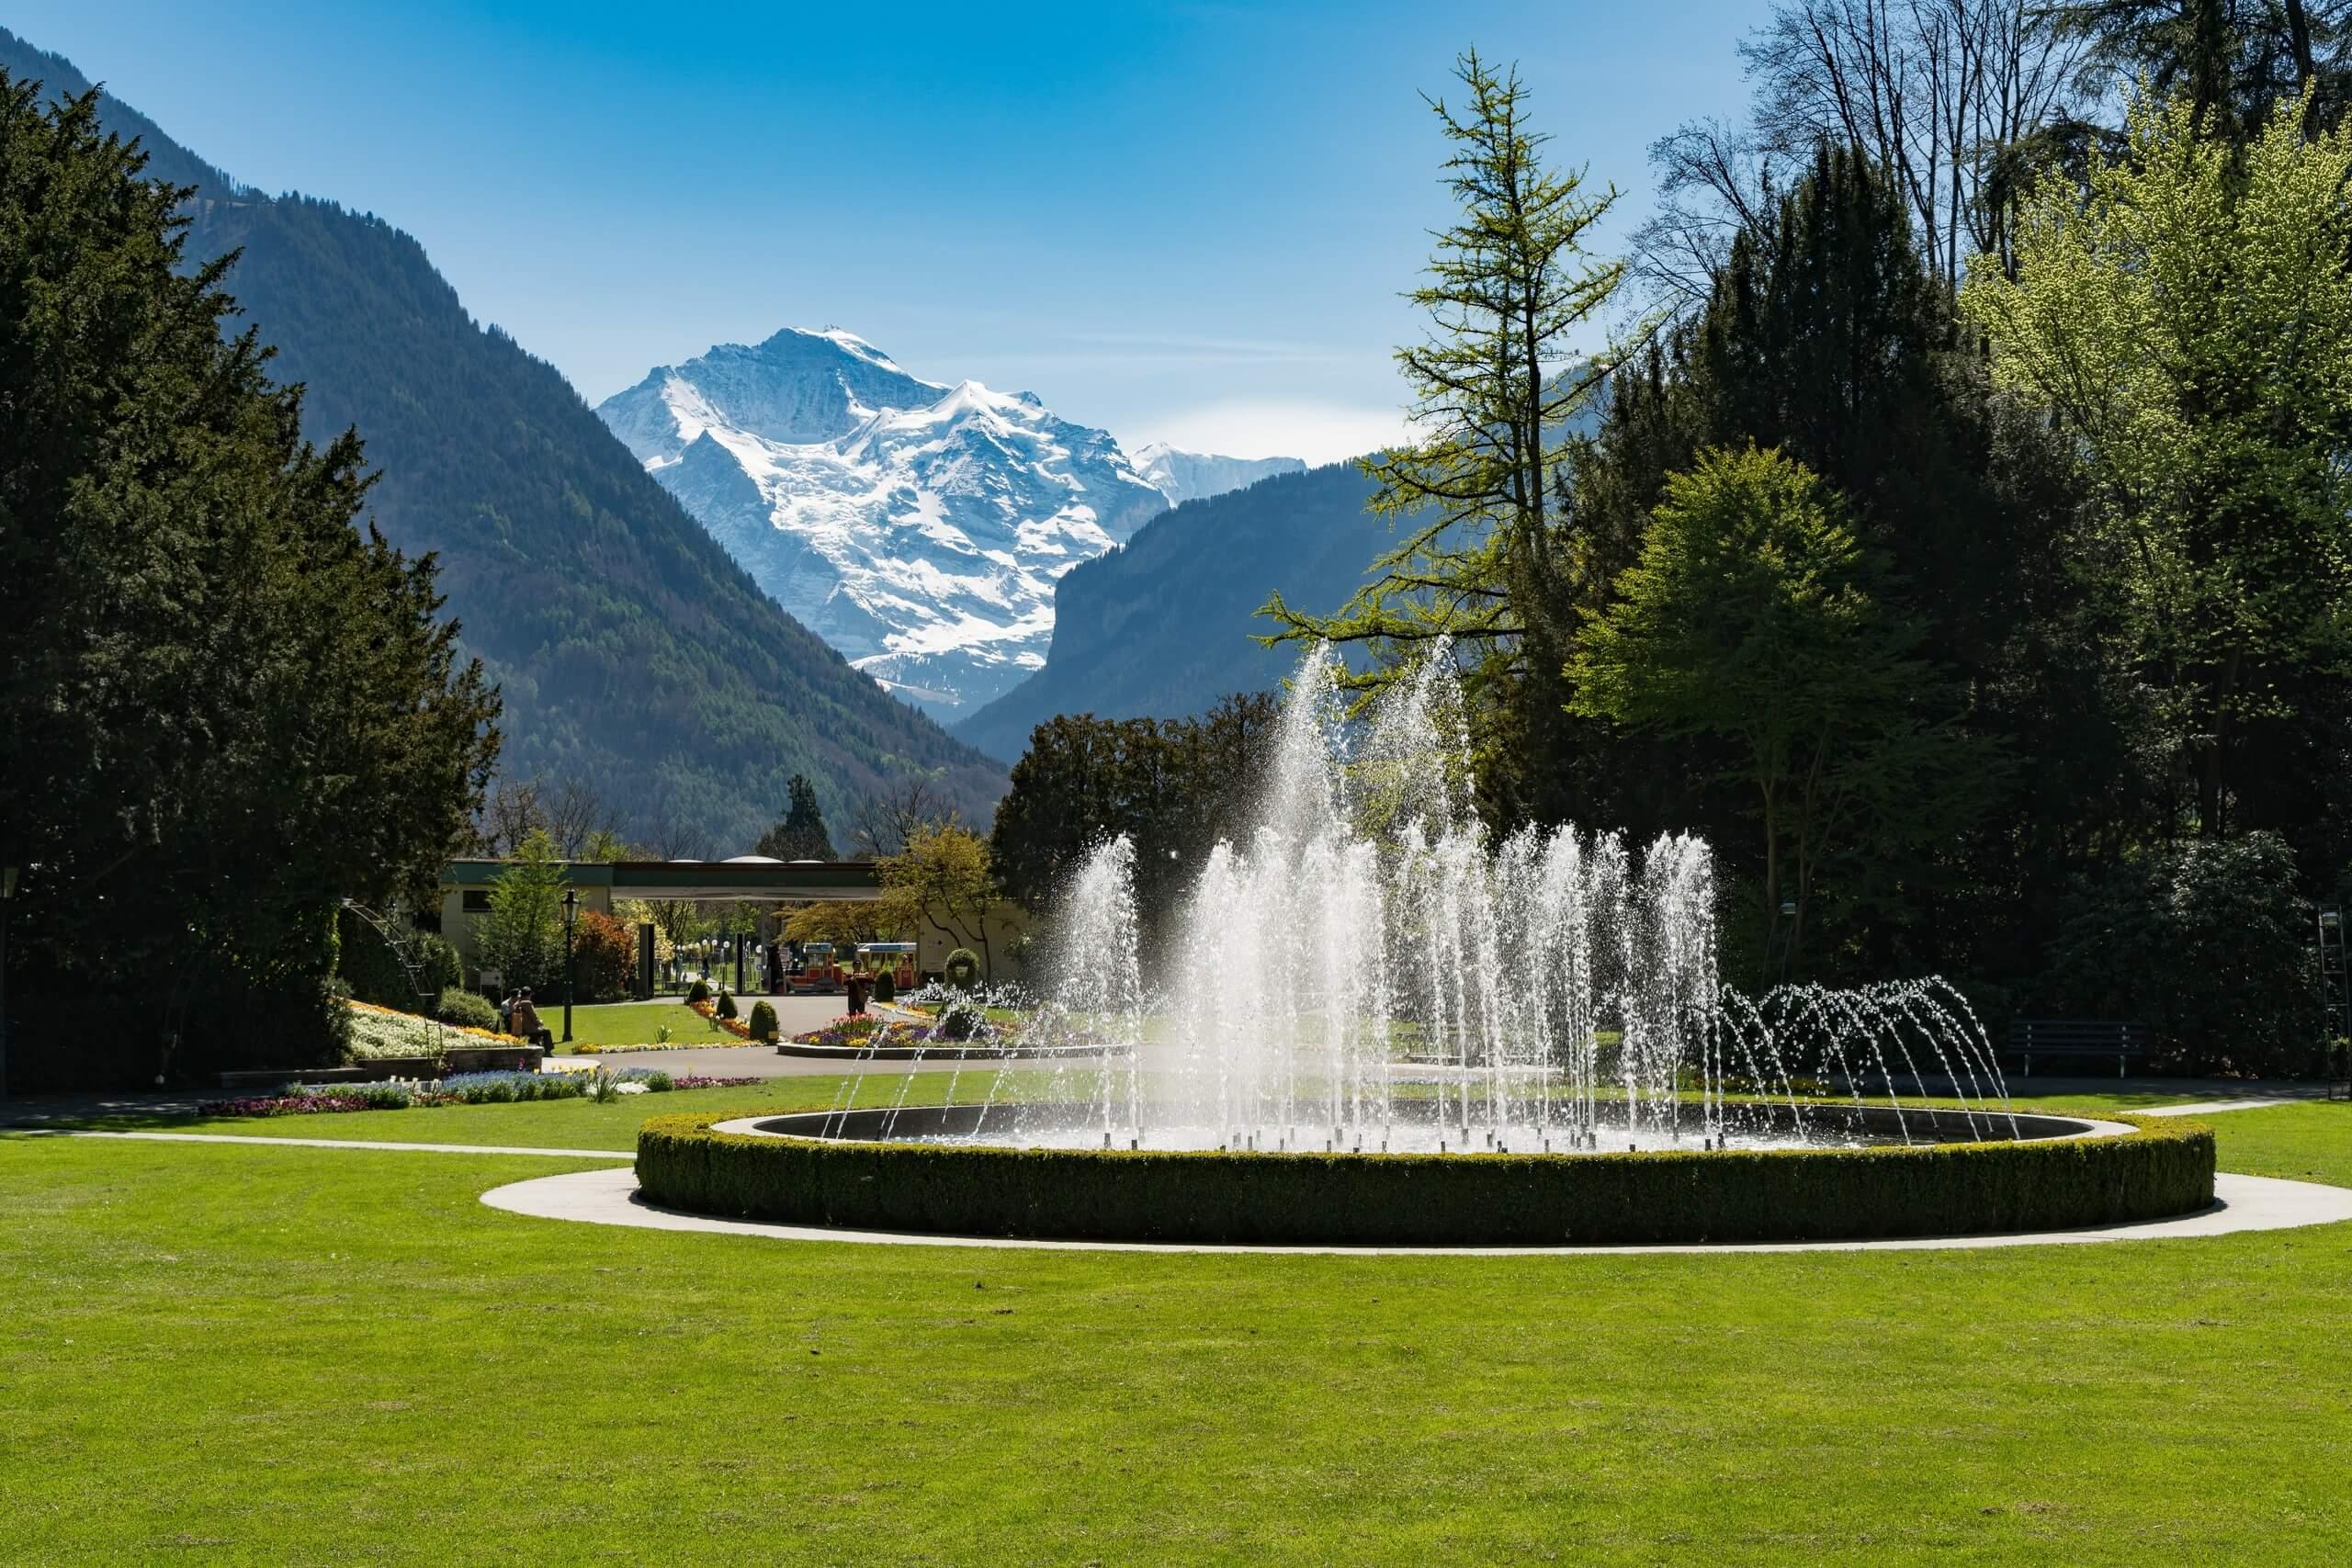 interlaken-kursaal-park-jungfrau-brunnen